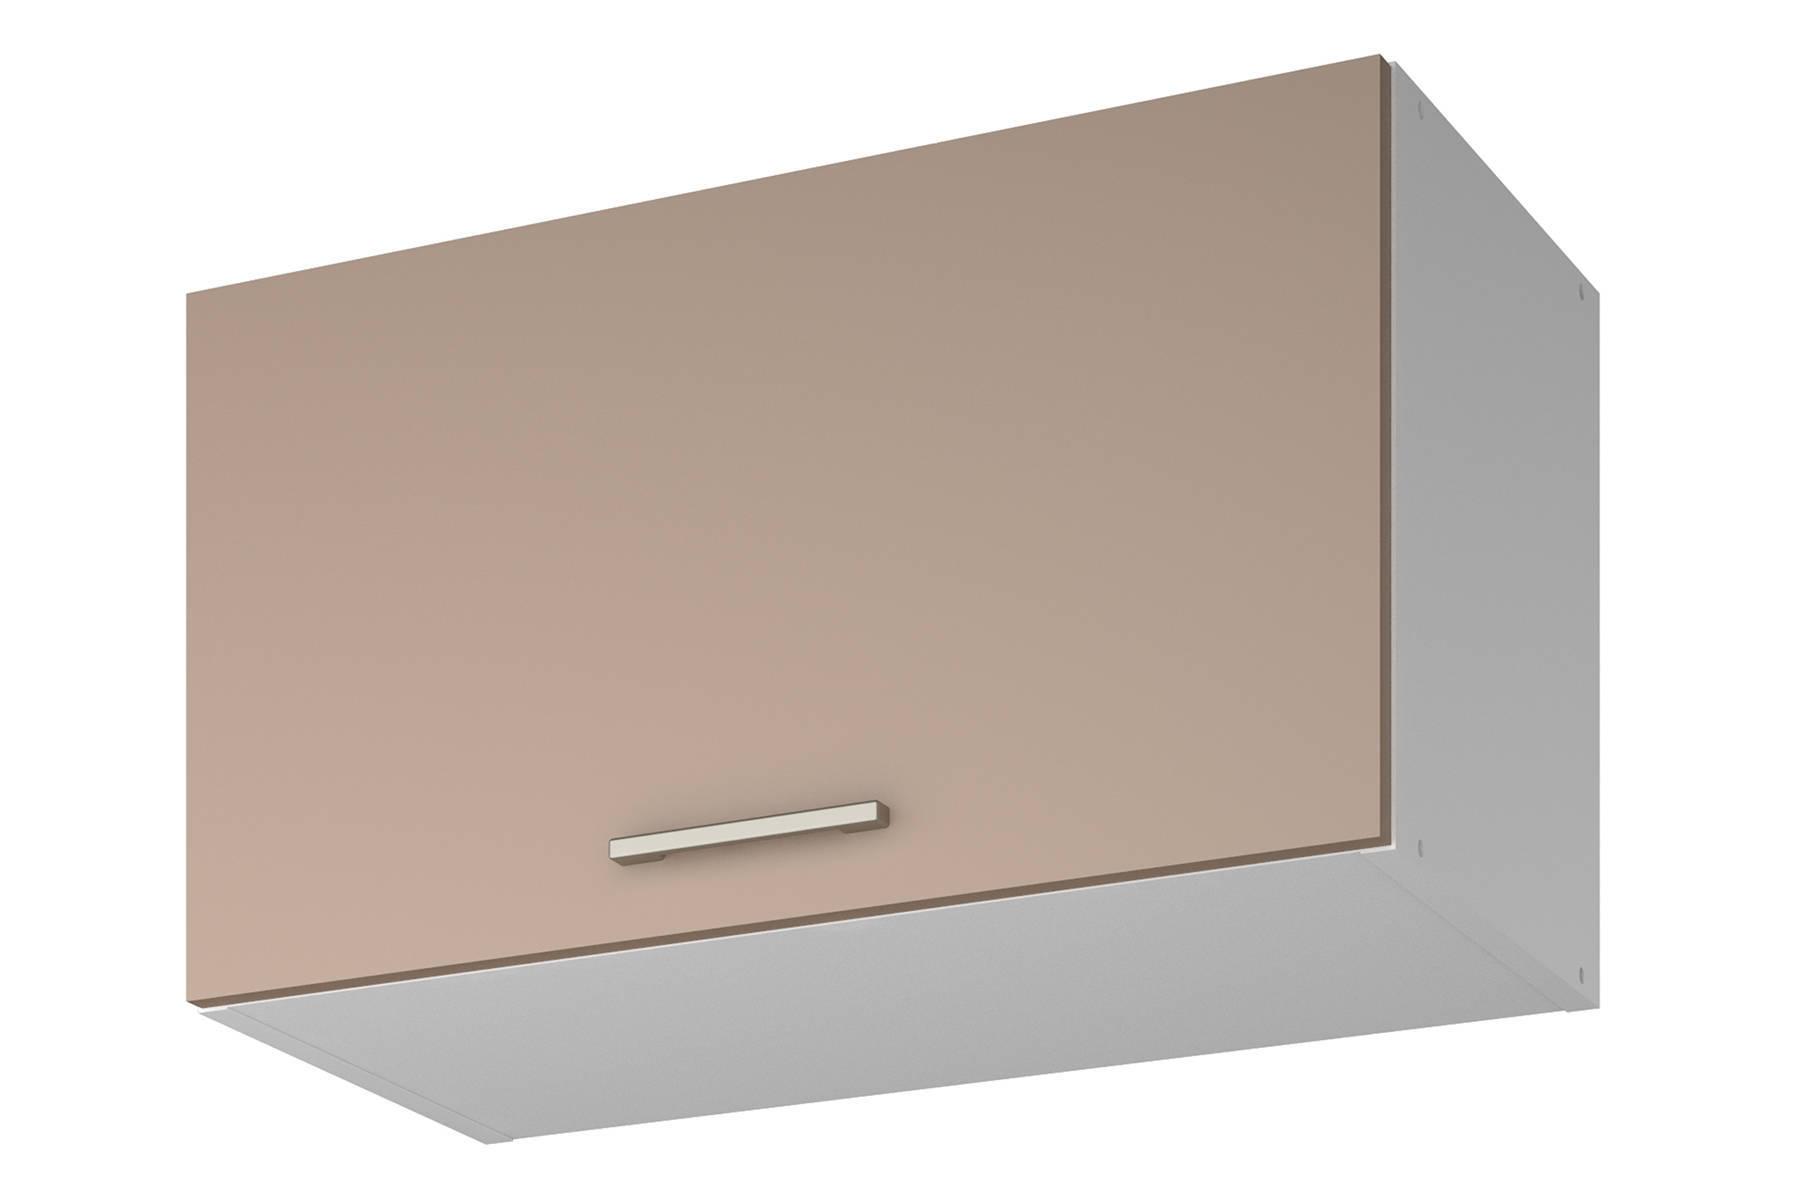 Шкаф навесной для вытяжки Barbara СТЛ.280.04 шкаф навесной для вытяжки lima стл 308 04